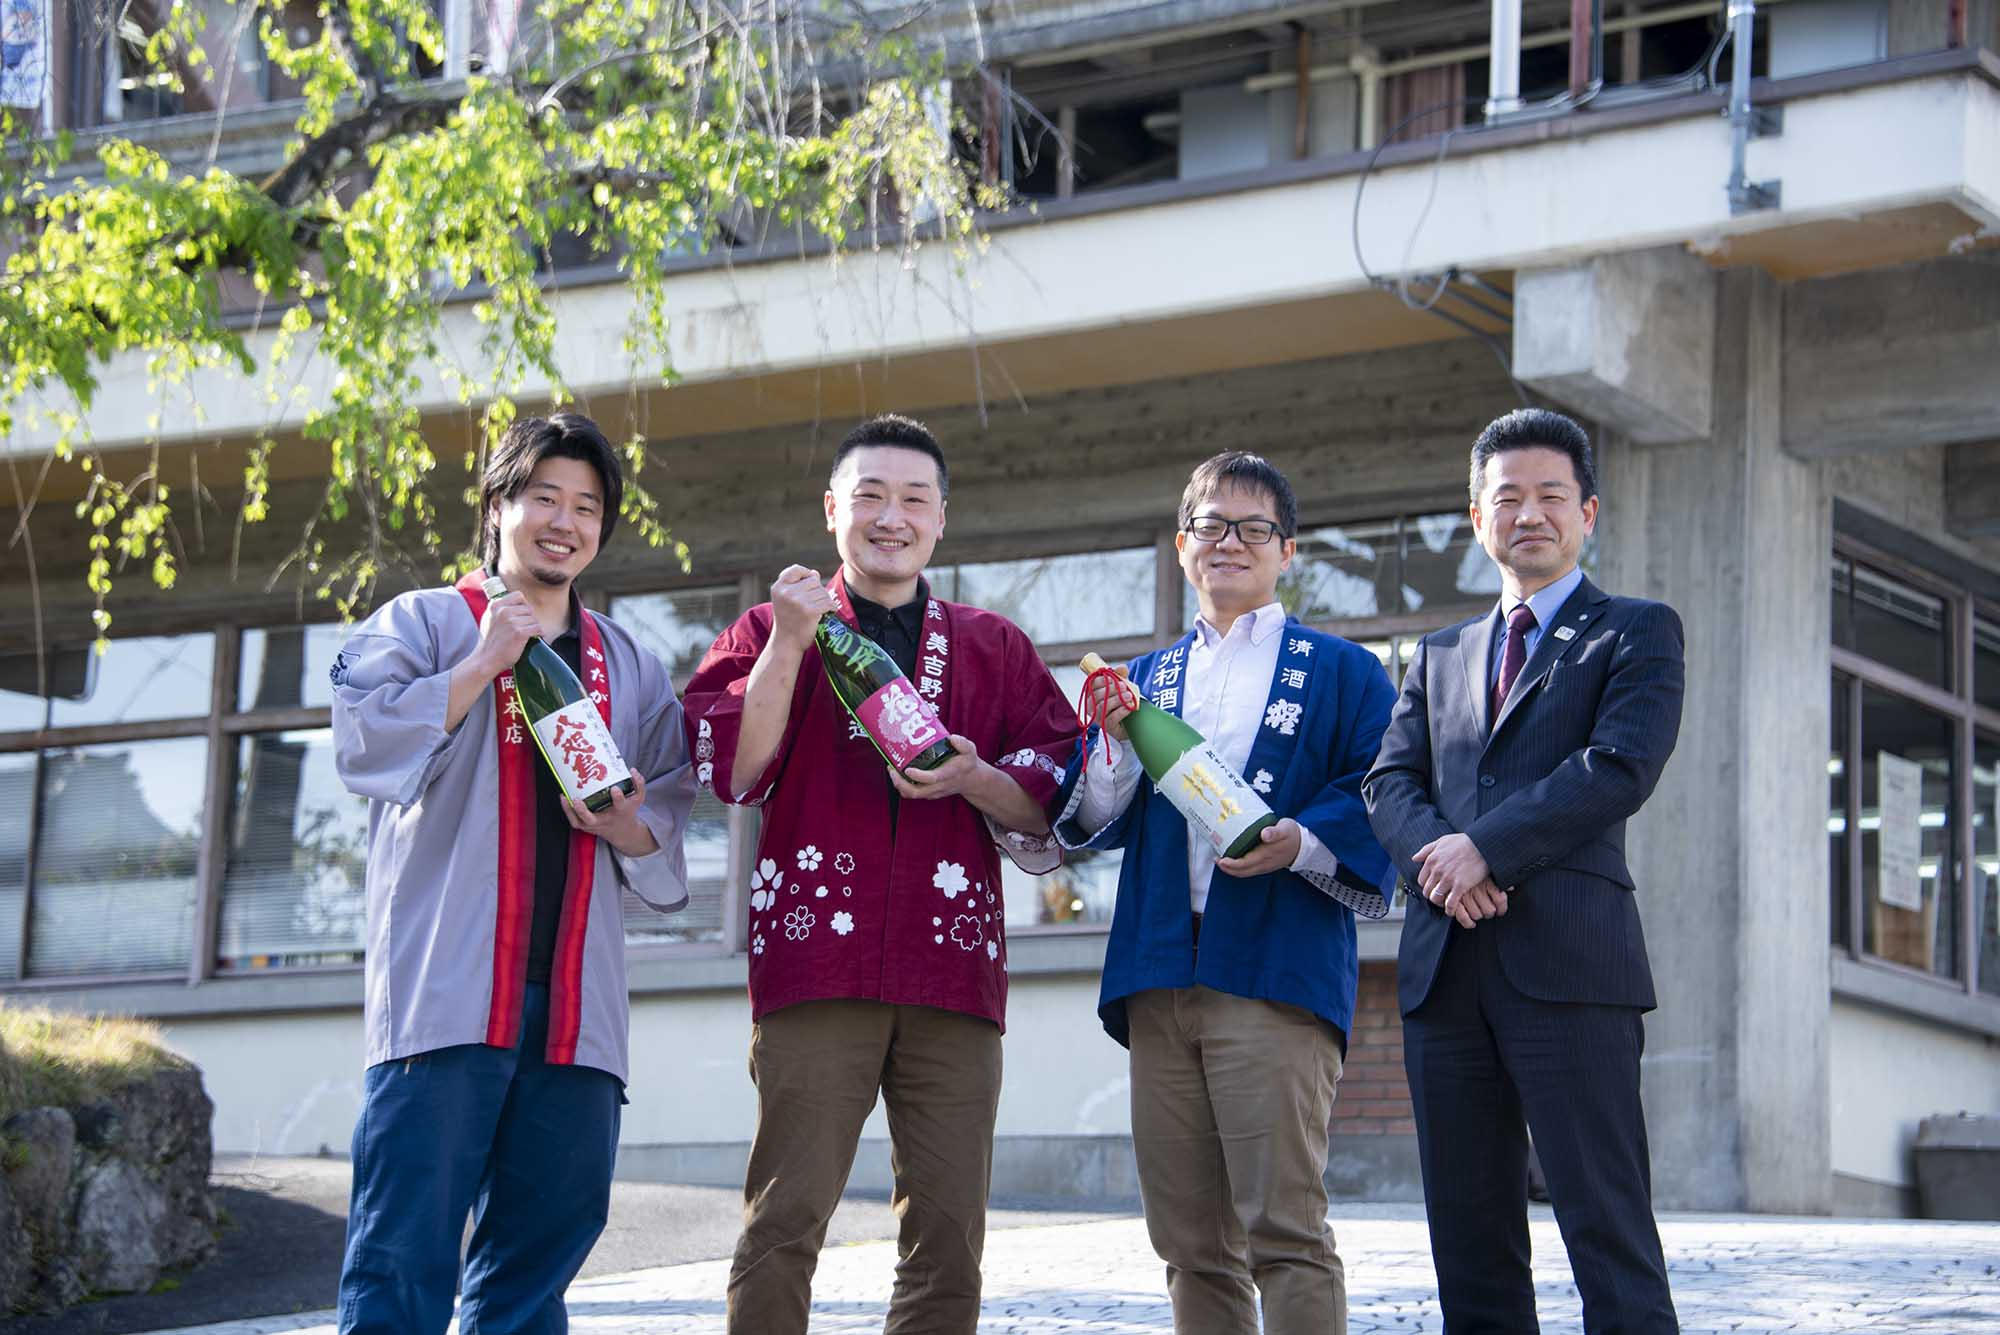 奈良県・吉野町の本気。米生産者と三つの老舗酒蔵がつくる新清酒ブランド「吉野正宗」 Makuakeにて先行発売開始いたします。